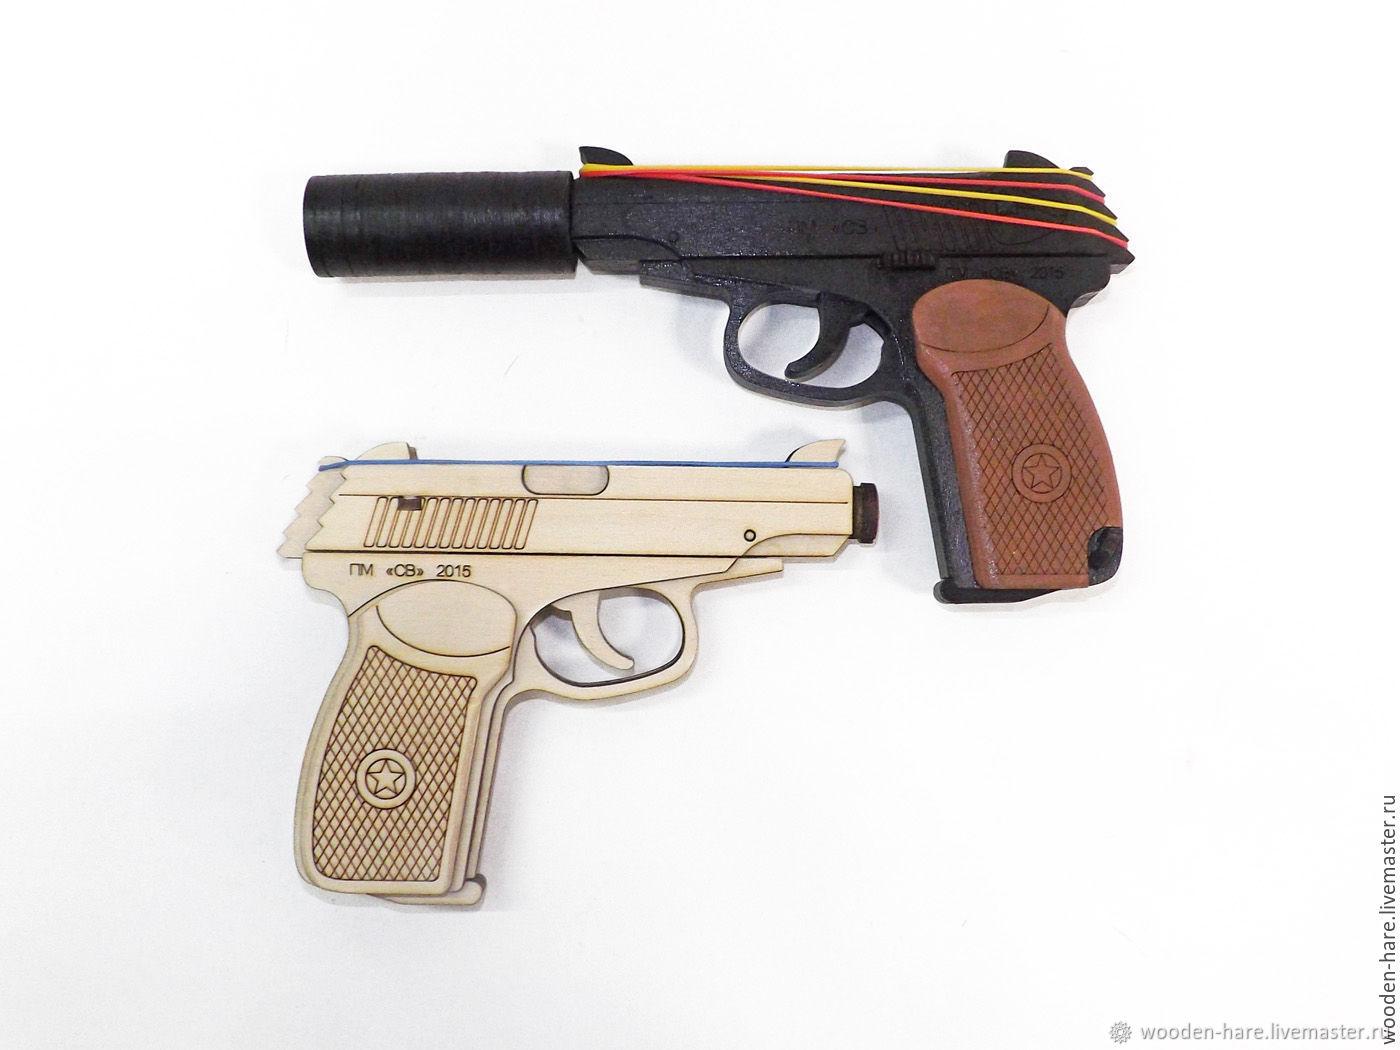 Резинкострел макаров пистолет купить плащевку ткань в розницу спб